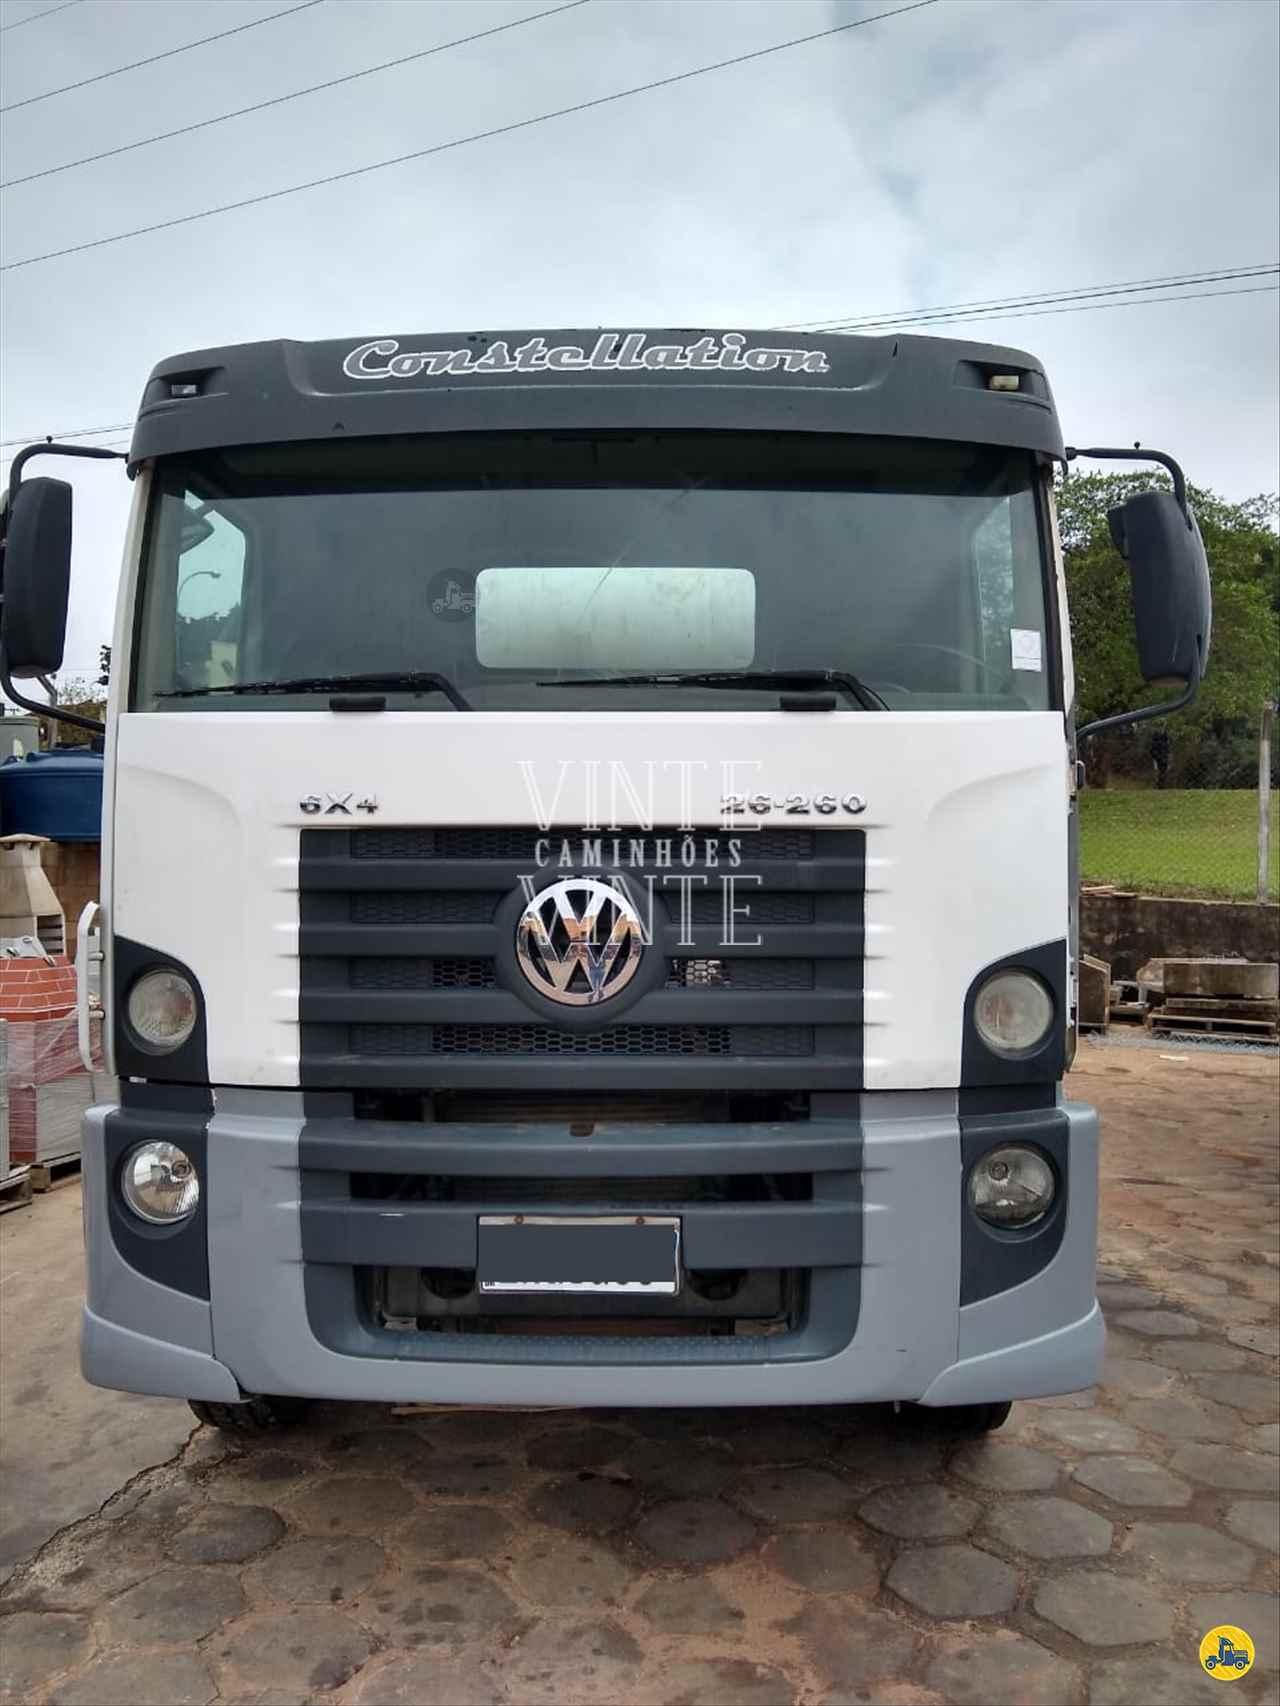 CAMINHAO VOLKSWAGEN VW 26260 Betoneira Traçado 6x4 Vinte-Vinte Caminhões SANTO ANDRE SÃO PAULO SP